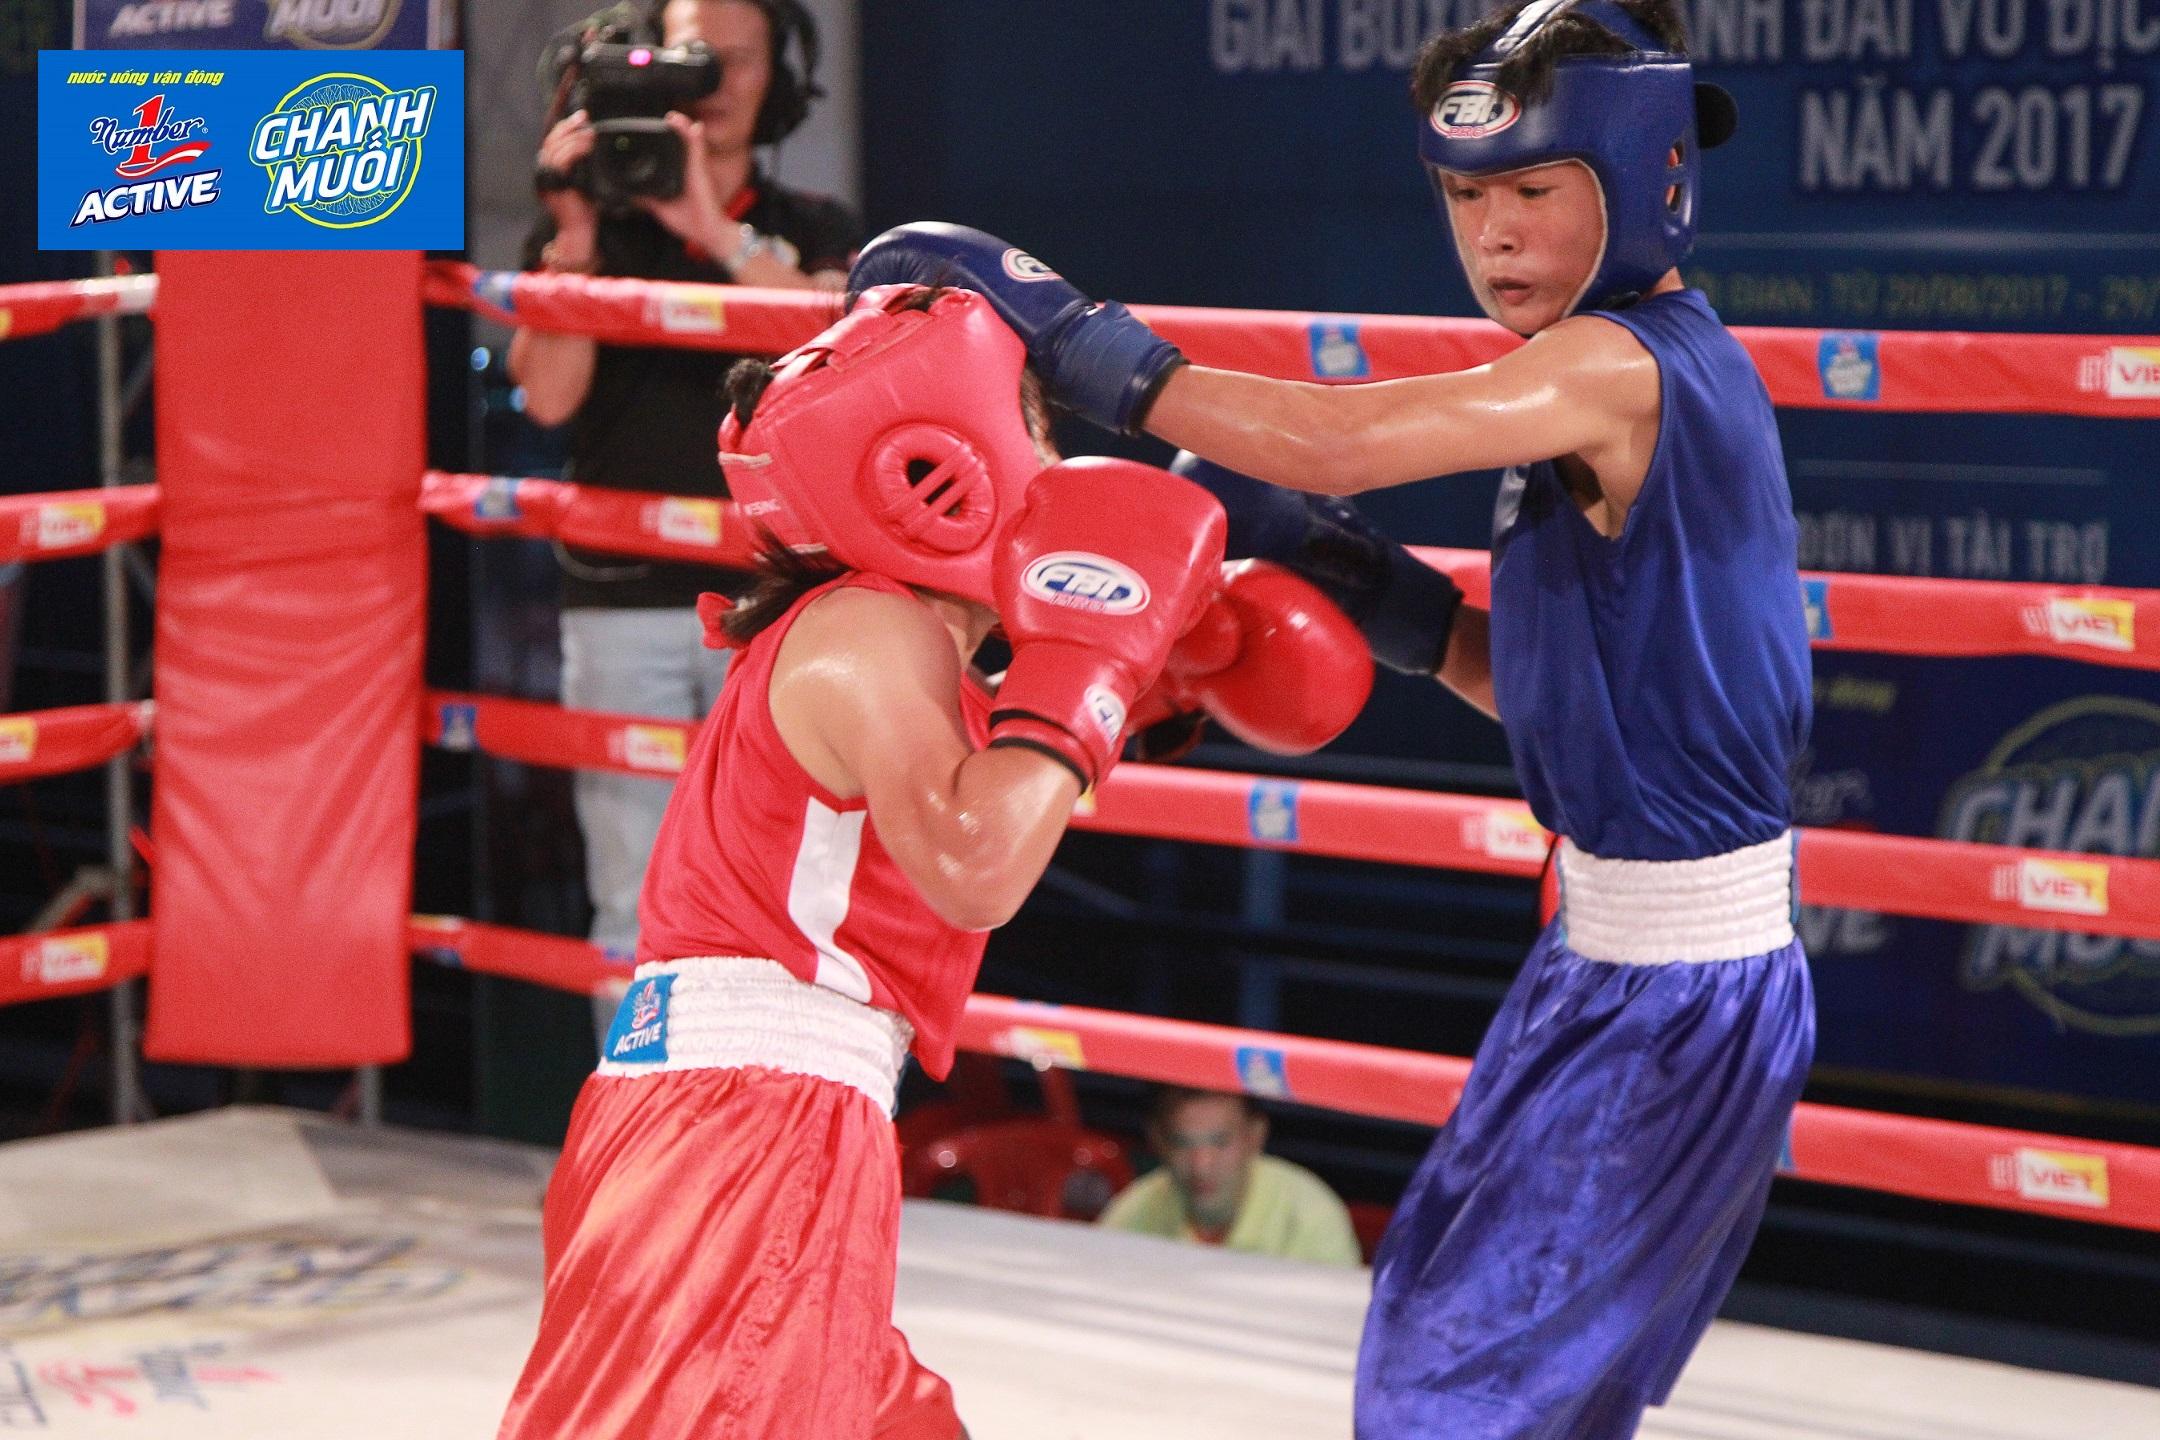 Thể thao - Đón chờ những trận chung kết Boxing rực lửa tại công viên 23/9.